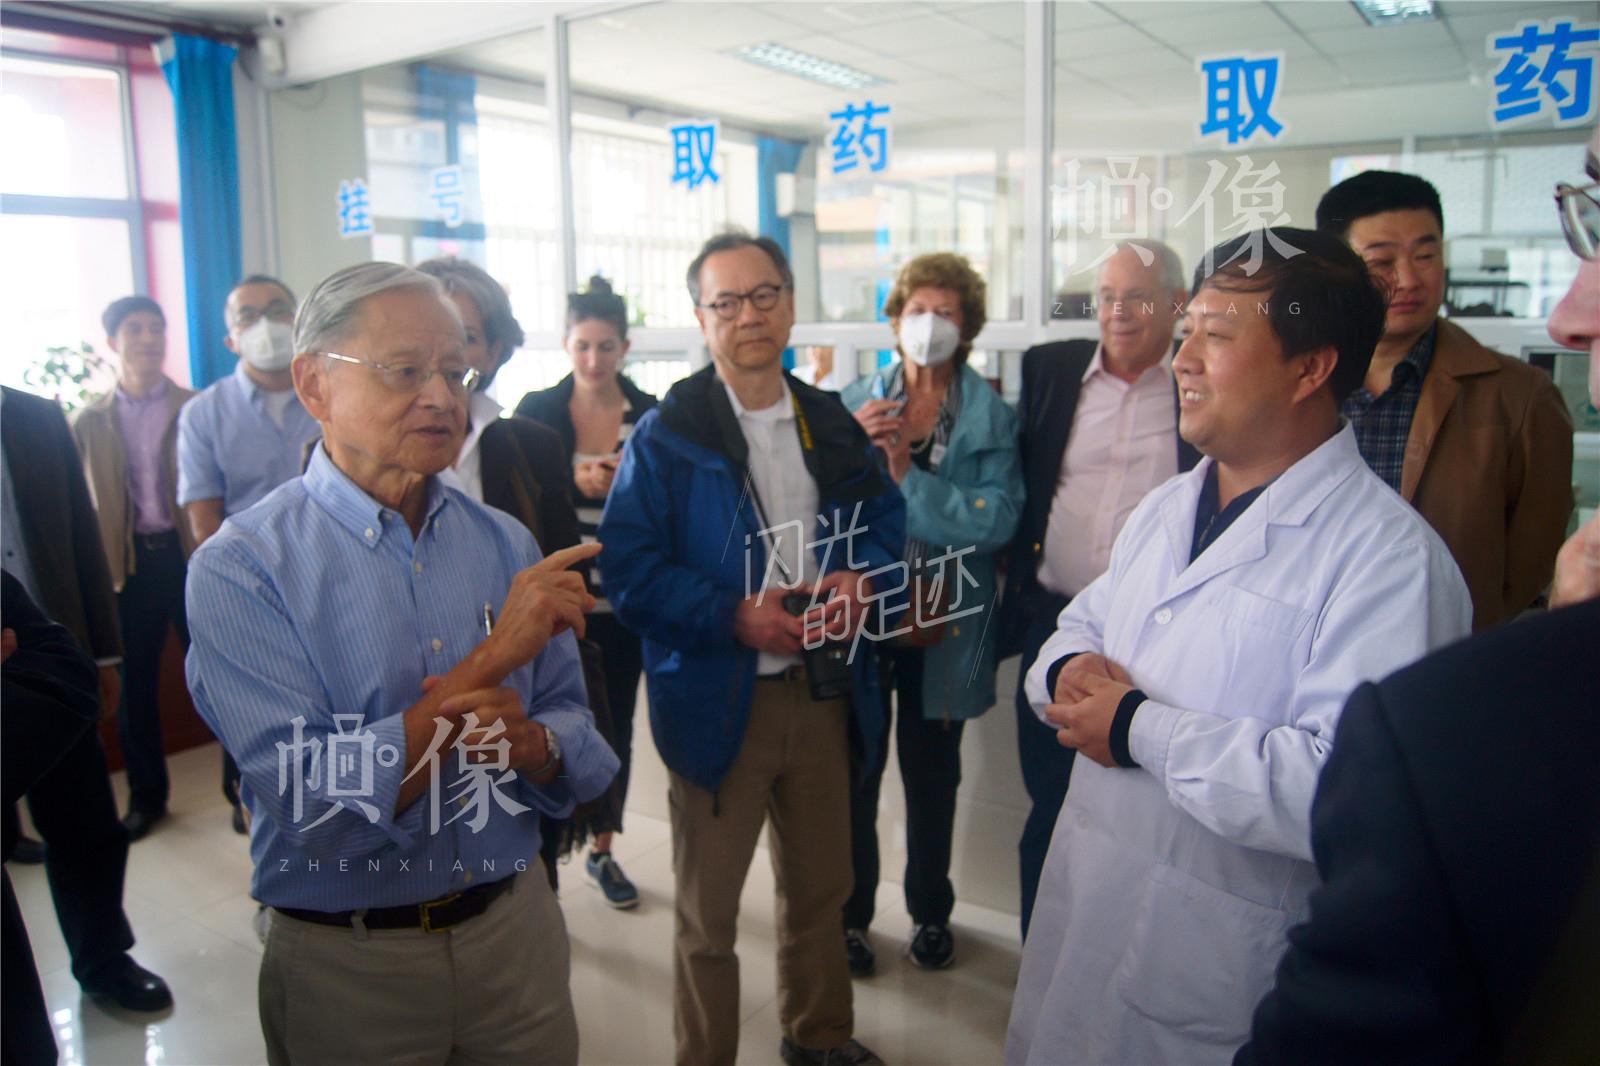 2014年3月,美国哈佛大学公共卫生管理学院教授参观农村卫生工作。(北京金海老年服务中心供图)